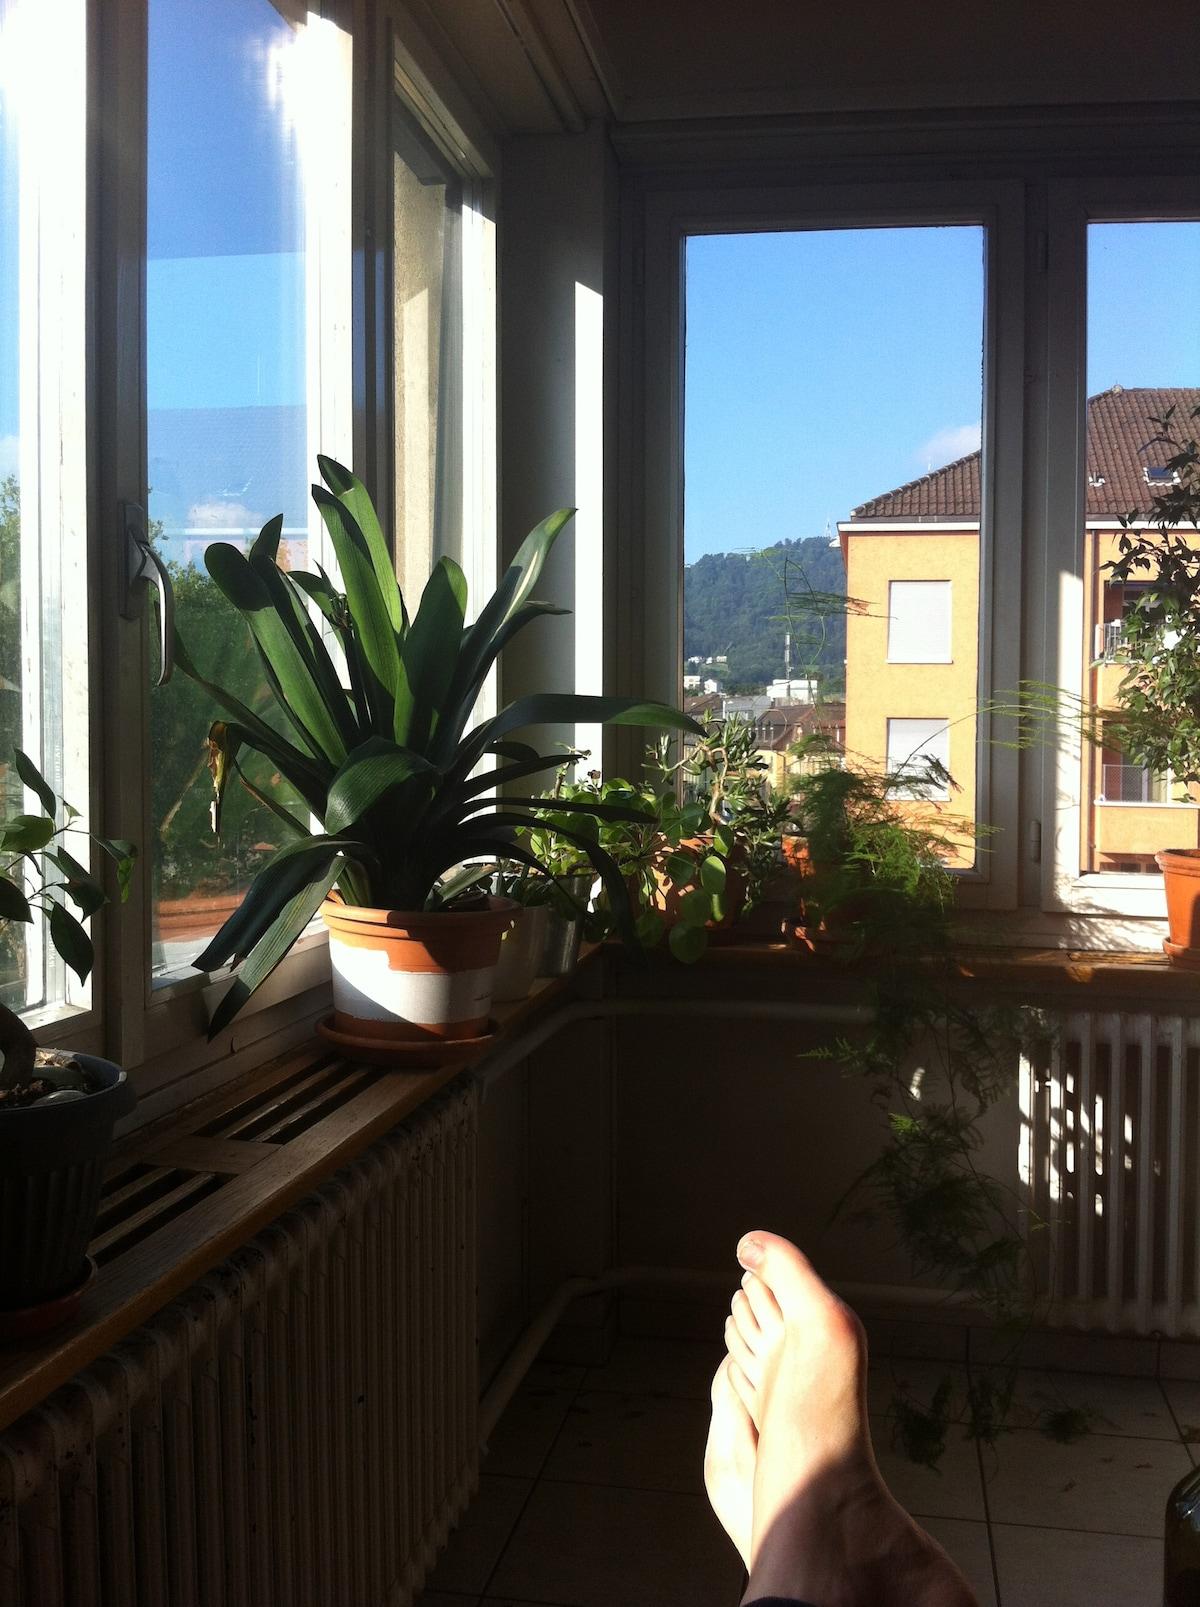 Lisa from Zurich